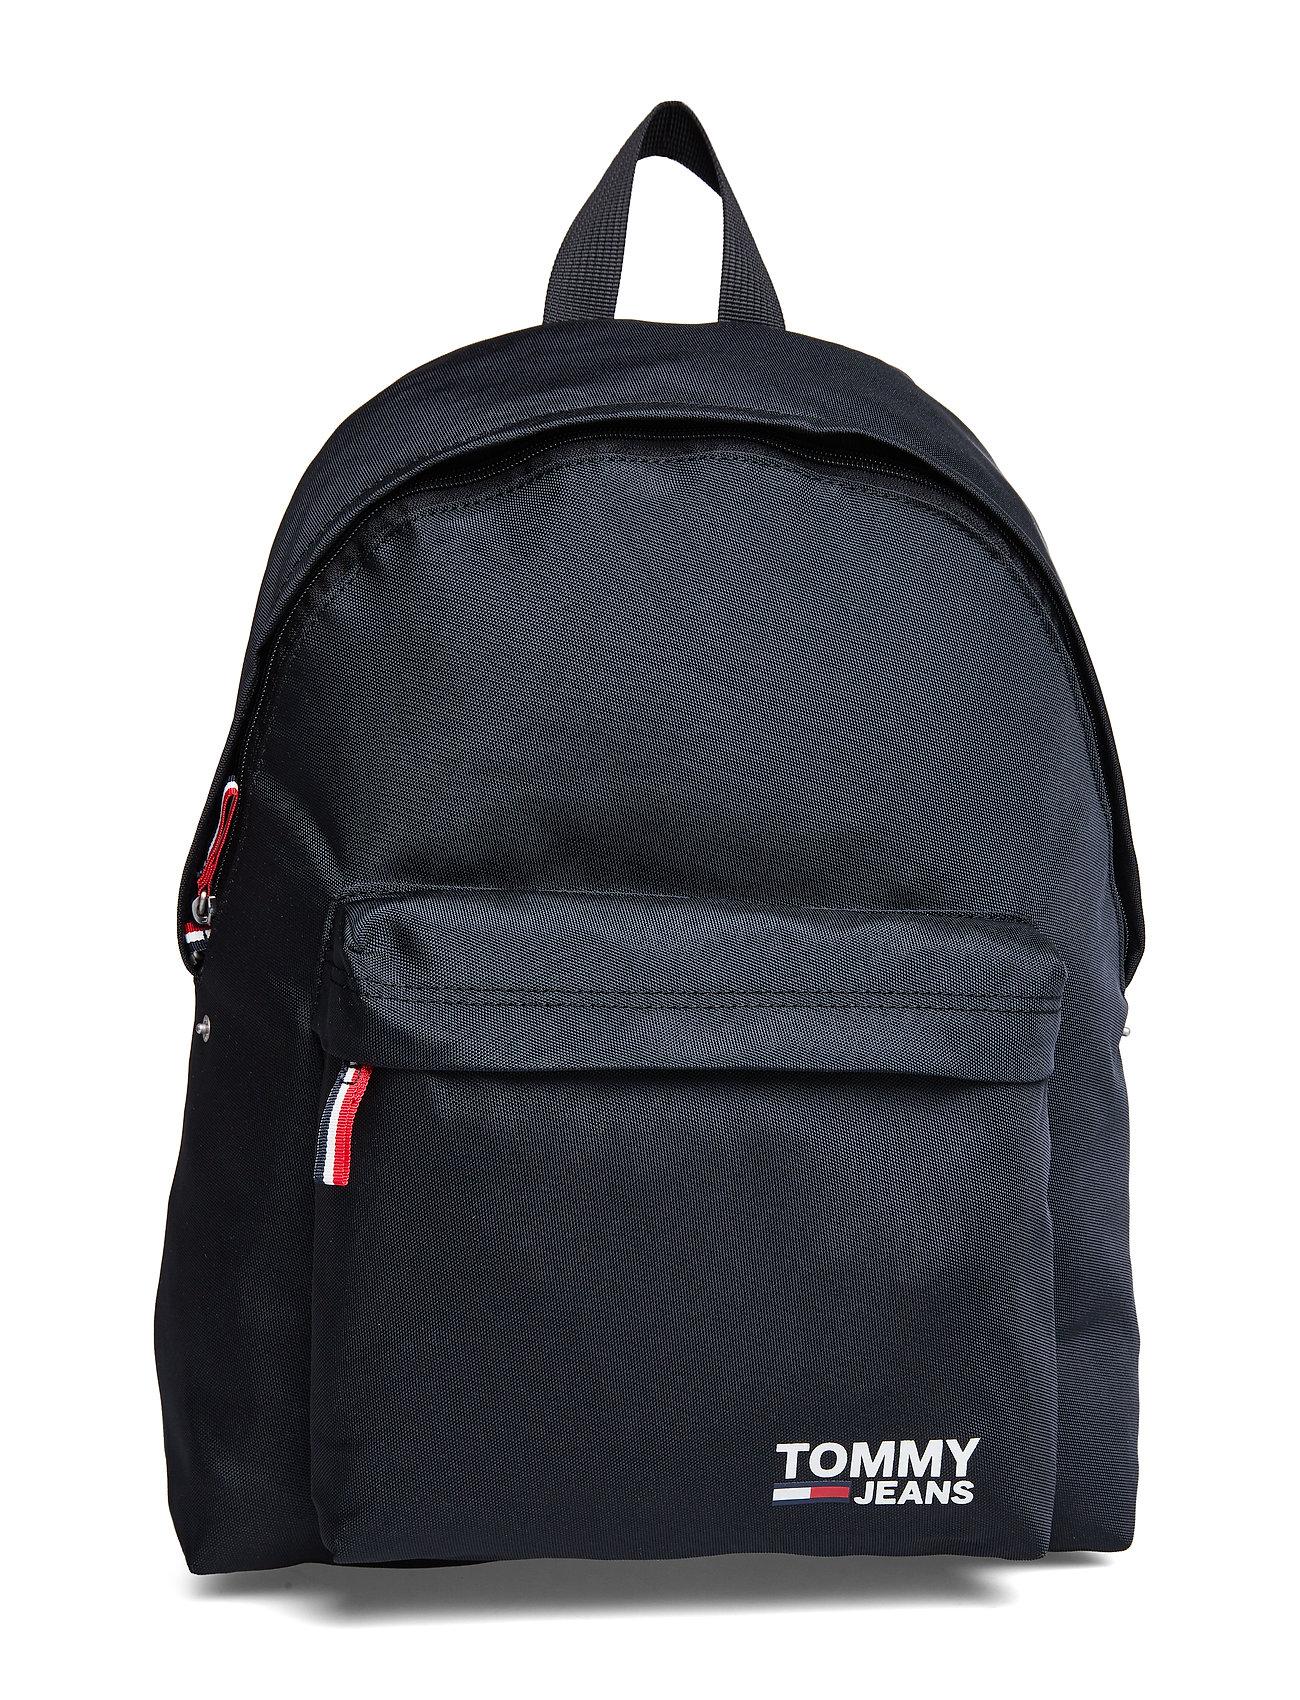 Tommy Hilfiger TJM COOL CITY BACKPA - BLACK BLACK